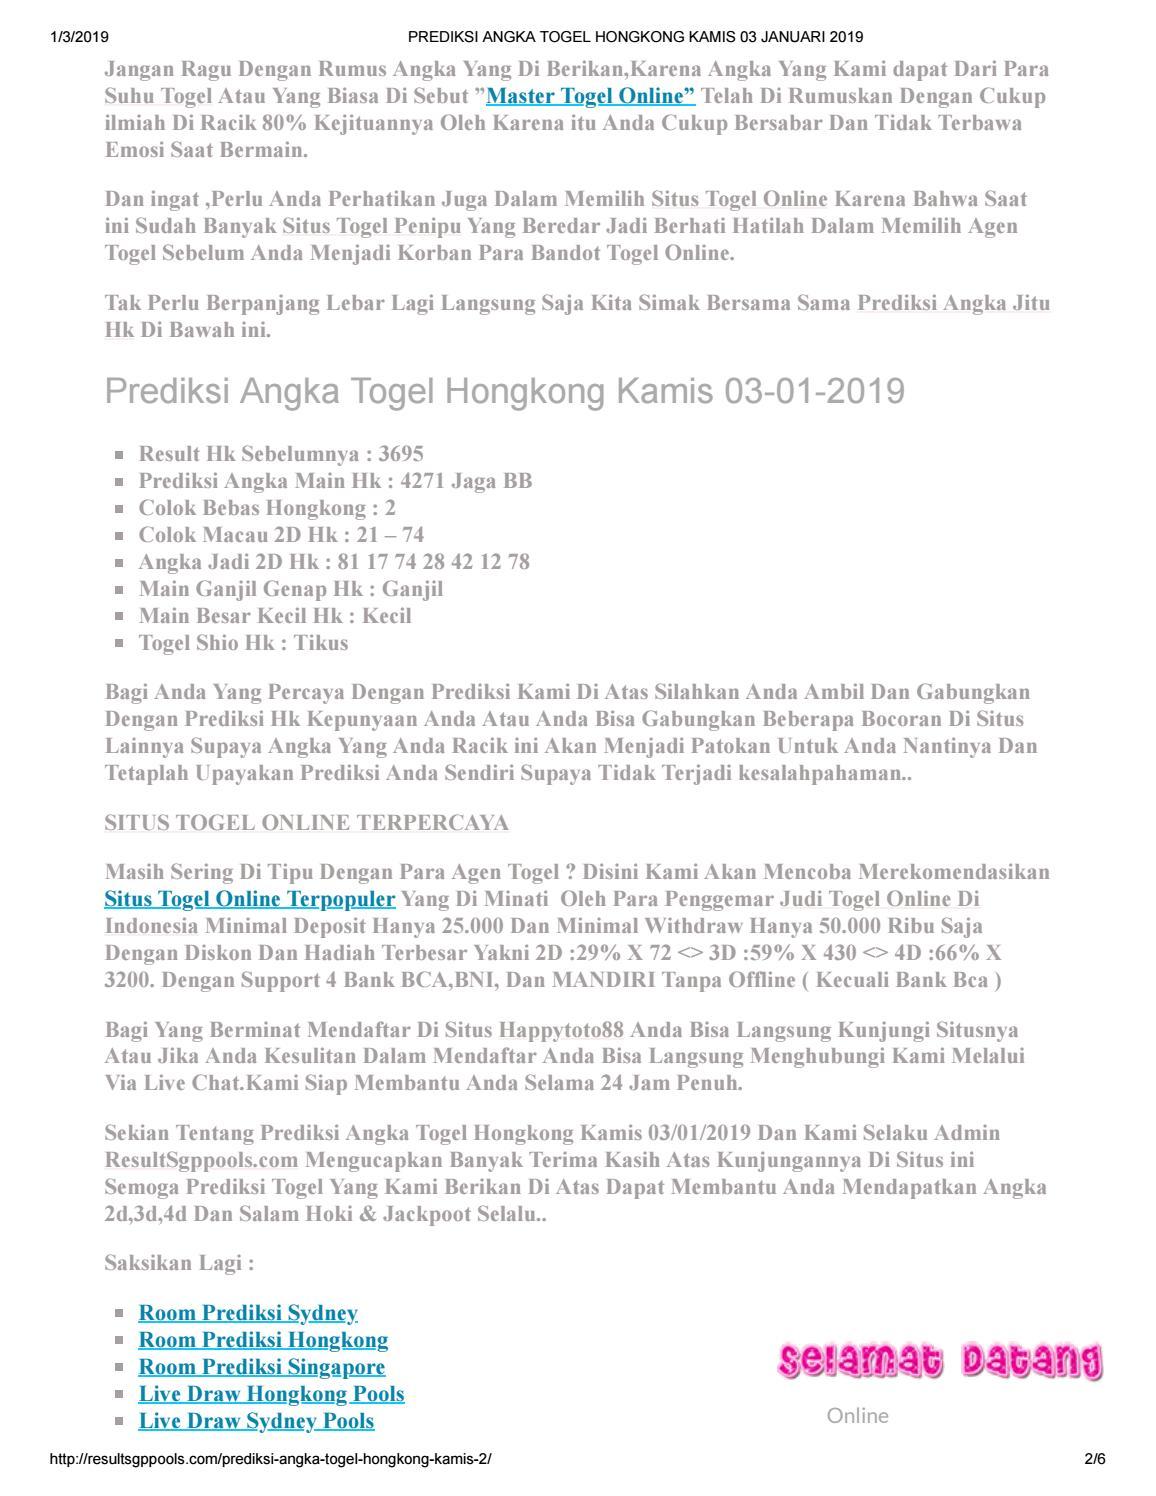 Prediksi Hk Master Hongkong Kamis : prediksi, master, hongkong, kamis, Prediksi, Angka, Togel, Hongkong, Kamis, Januari, Angelina1310, Issuu